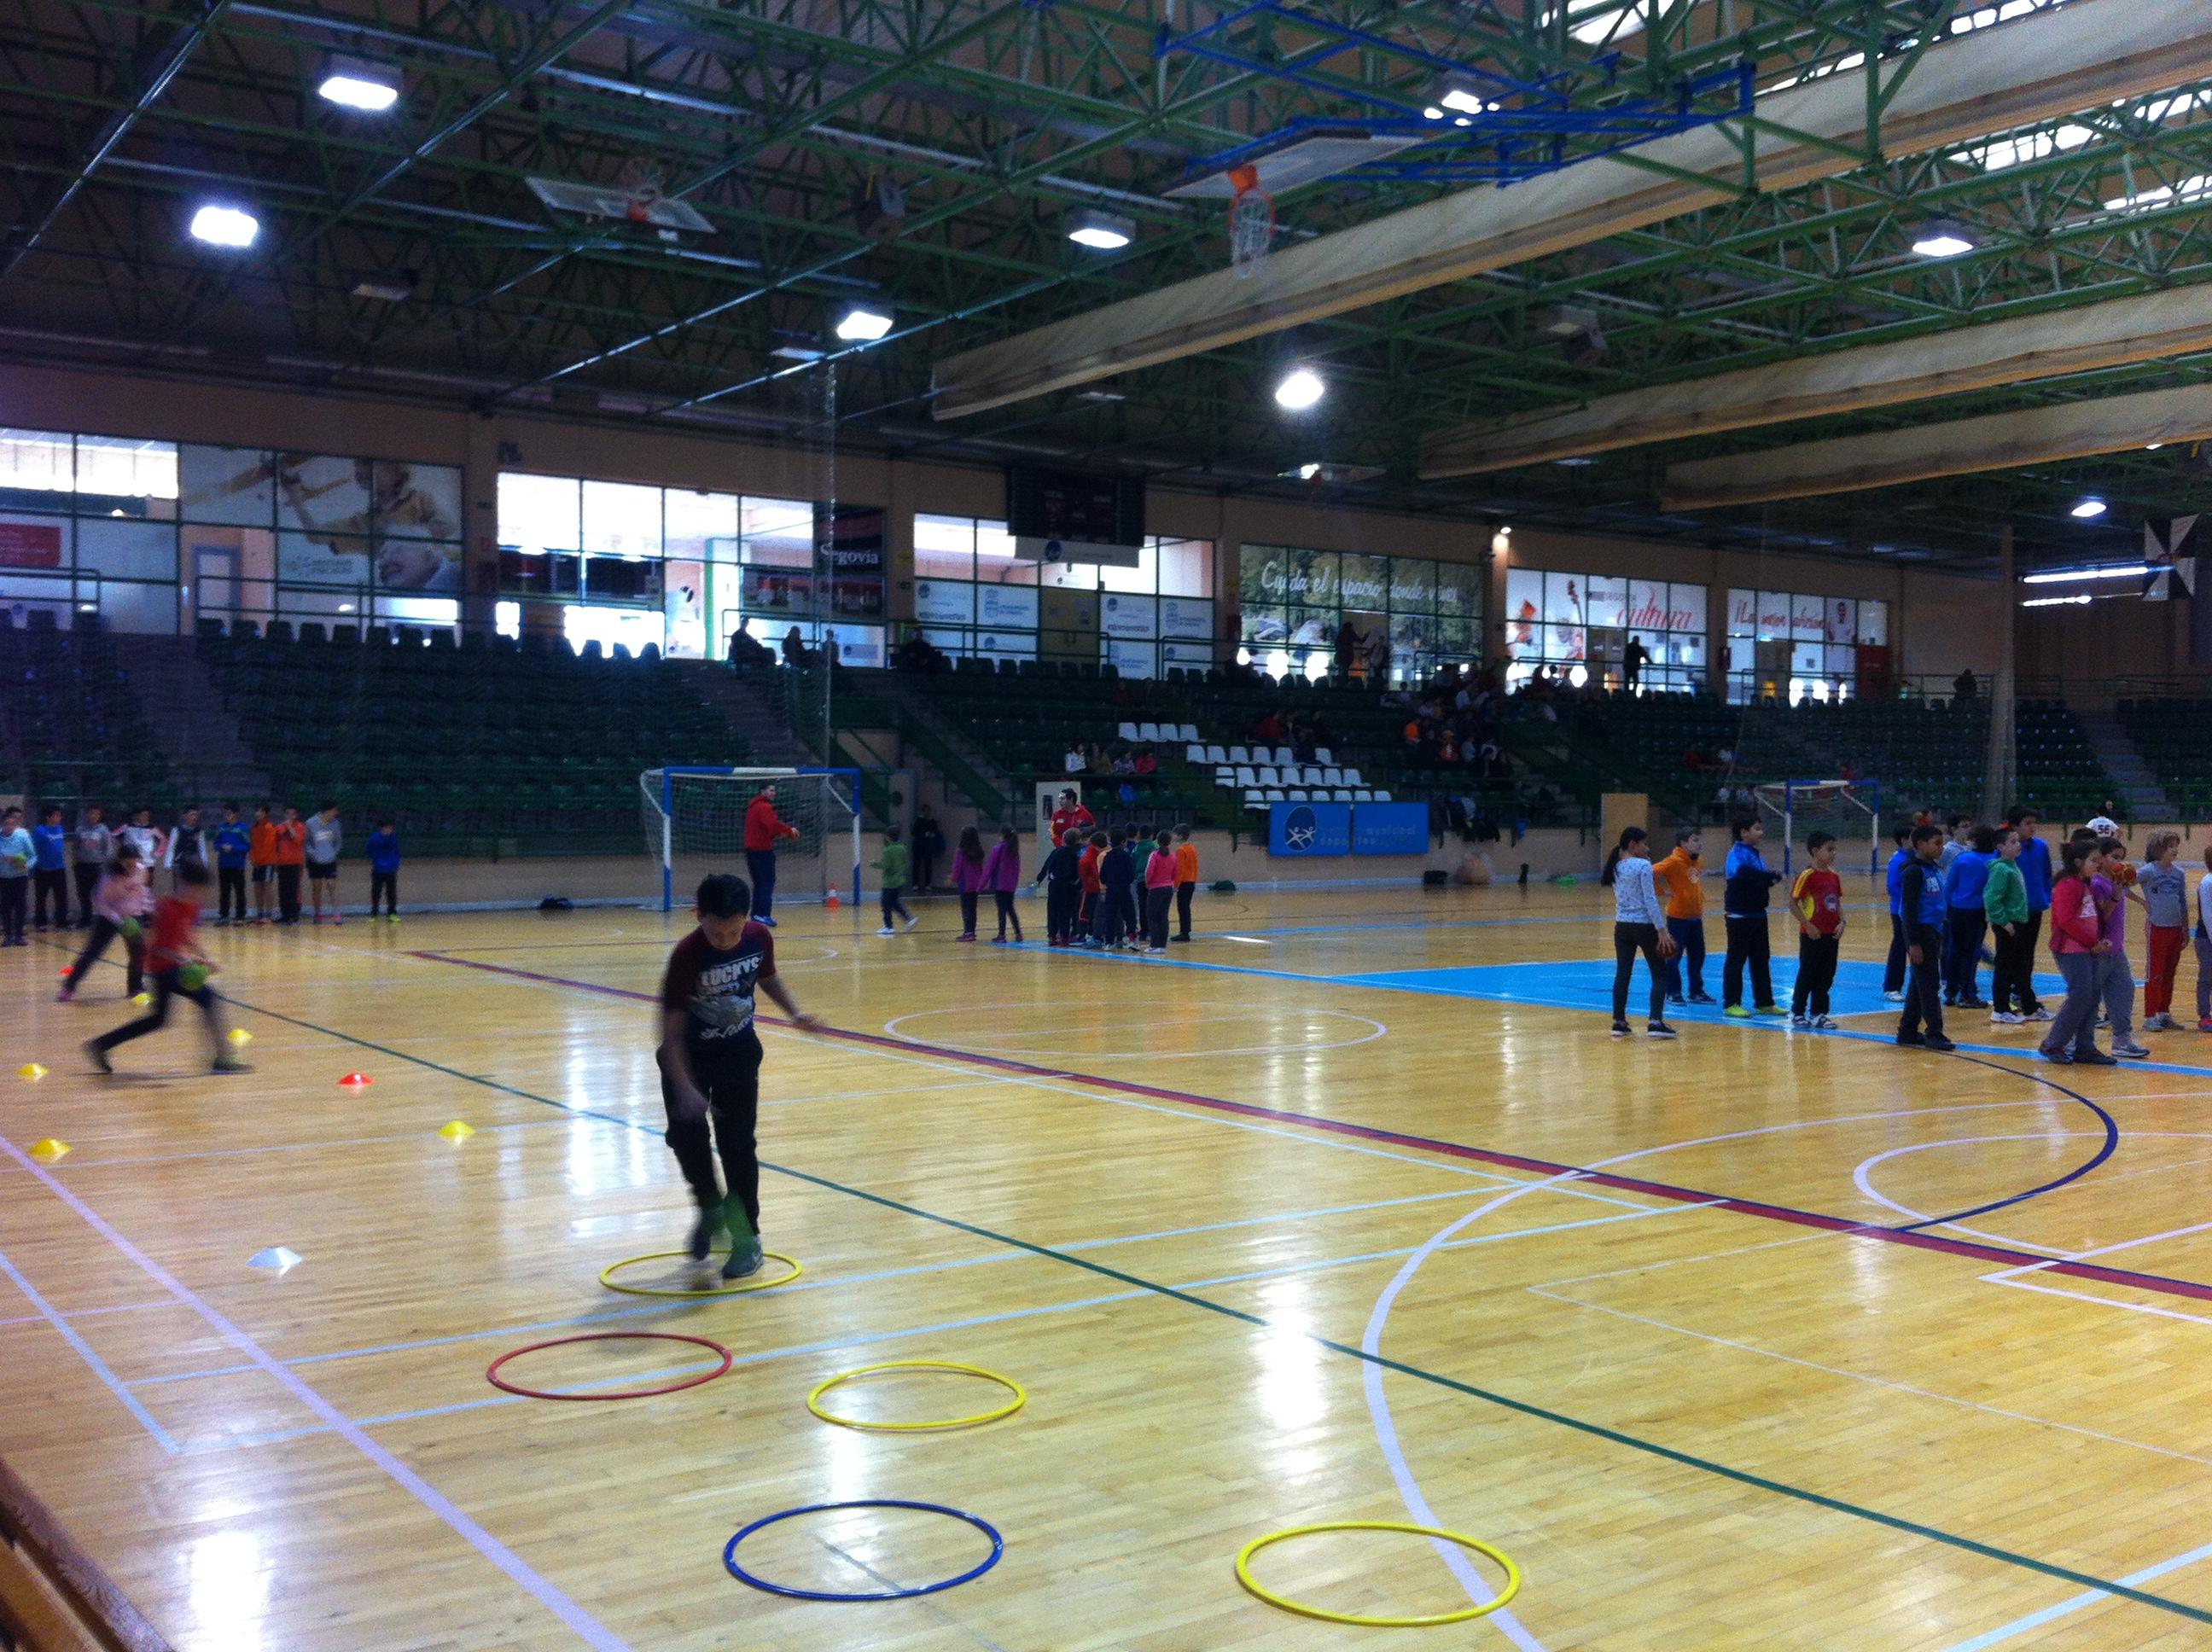 """Continúa abierta la inscripción en la """"Escuela de Balonmano Nava-IMD Segovia"""" para la temporada 2018/19"""